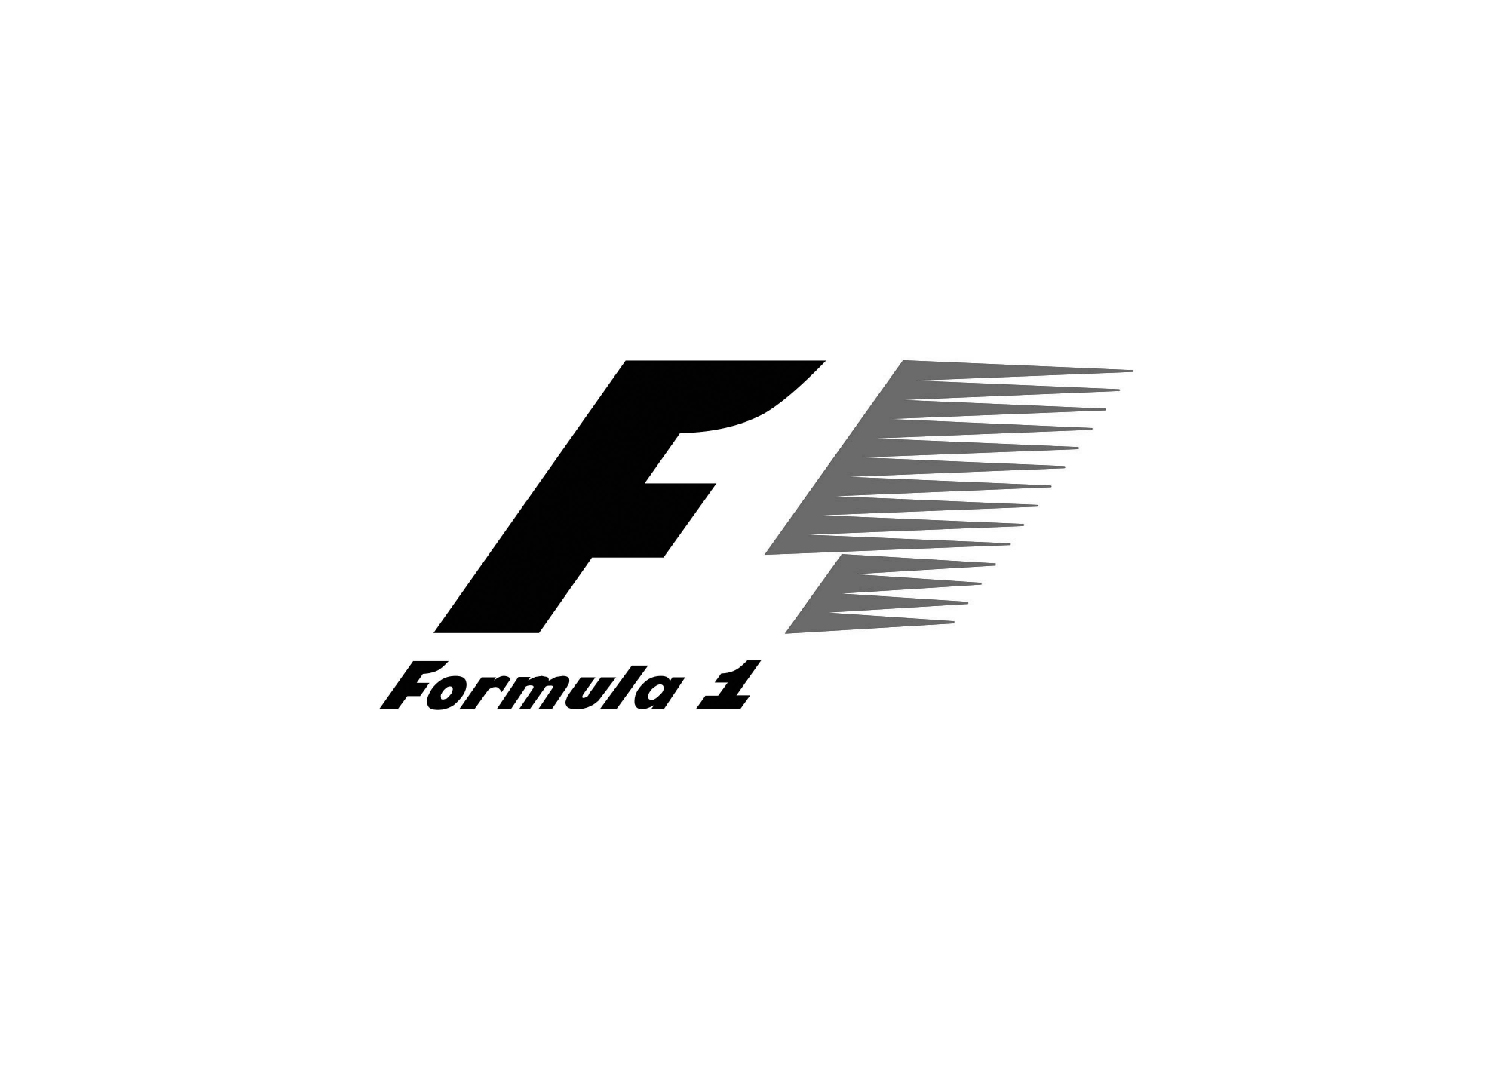 Formula 1-01.jpg